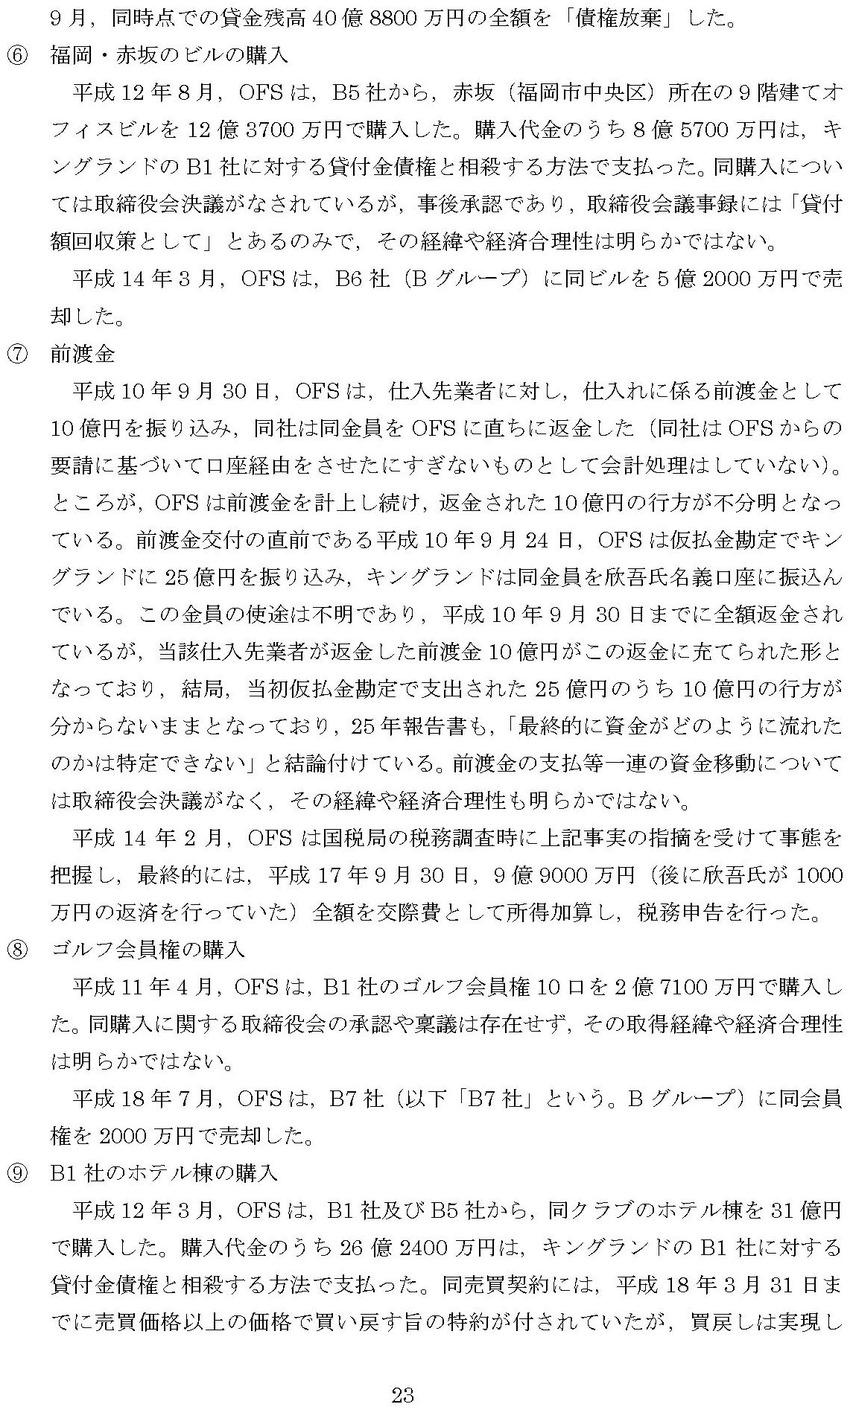 29_1_ページ_031_1